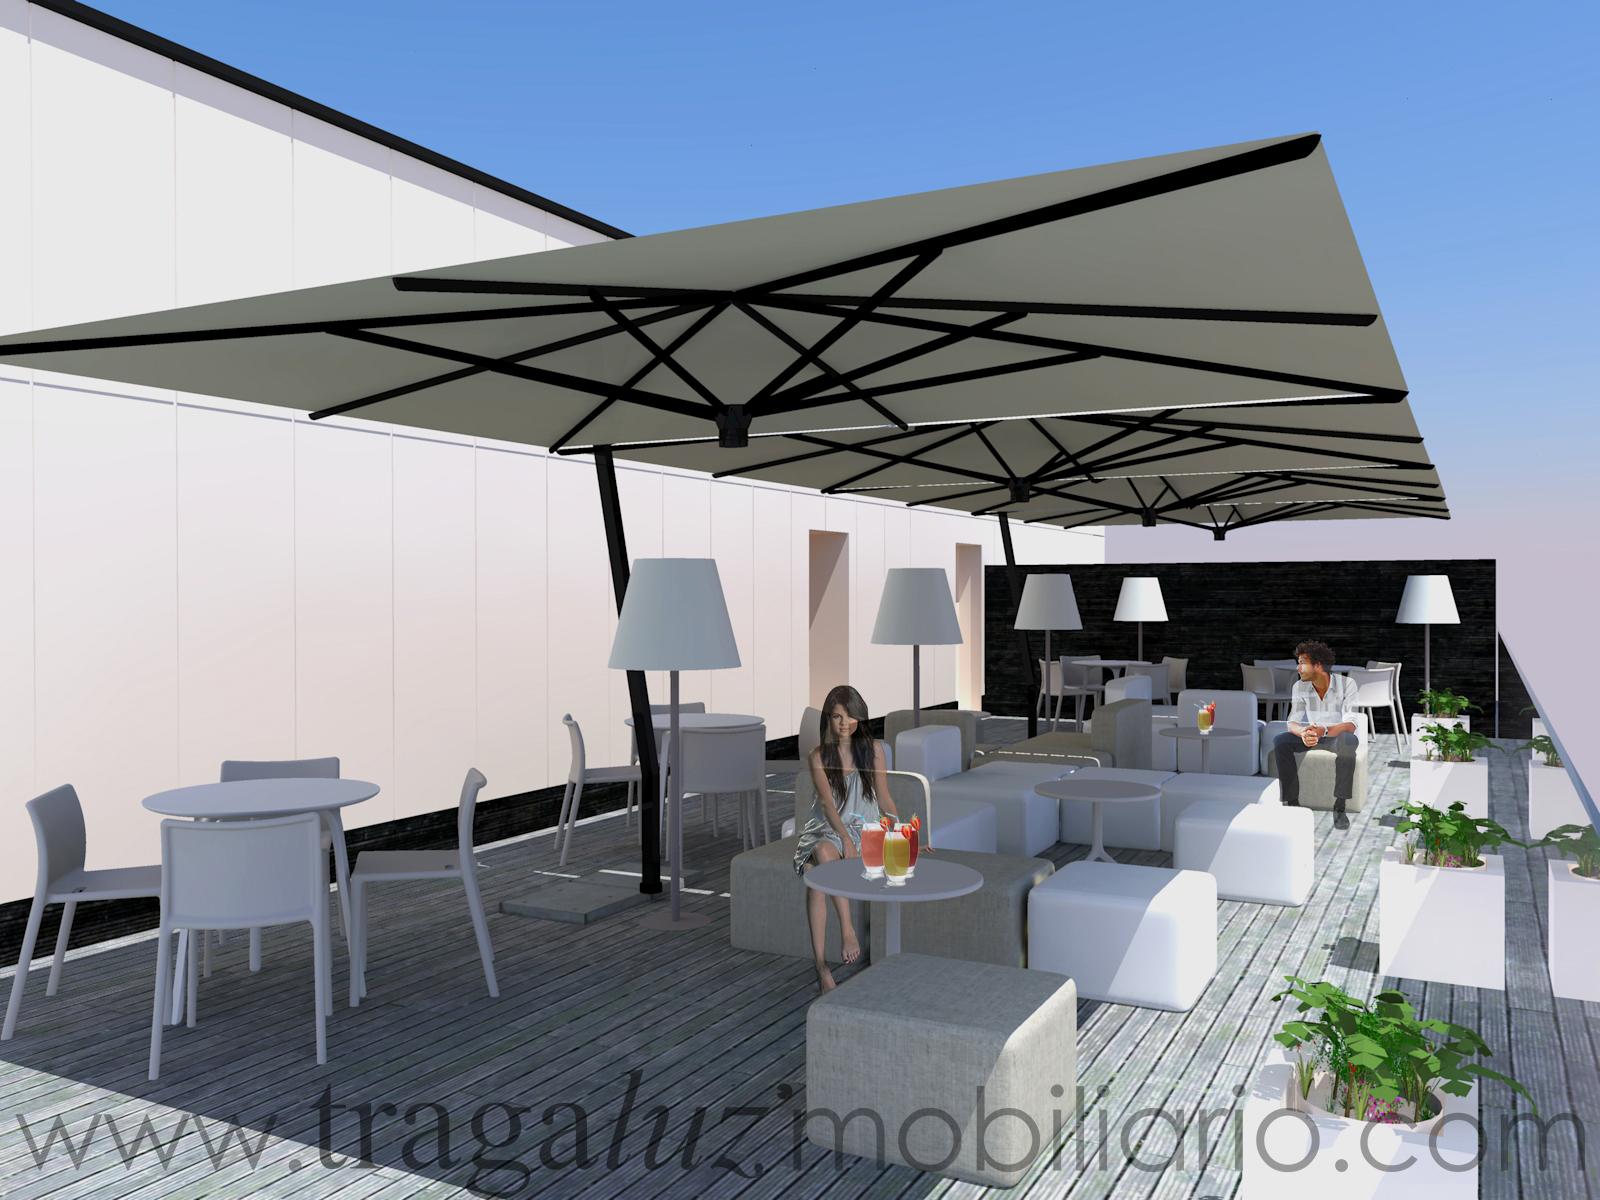 Proyectos de exterior terrazas mobiliario de dise o en - Terrazas de diseno fotos ...